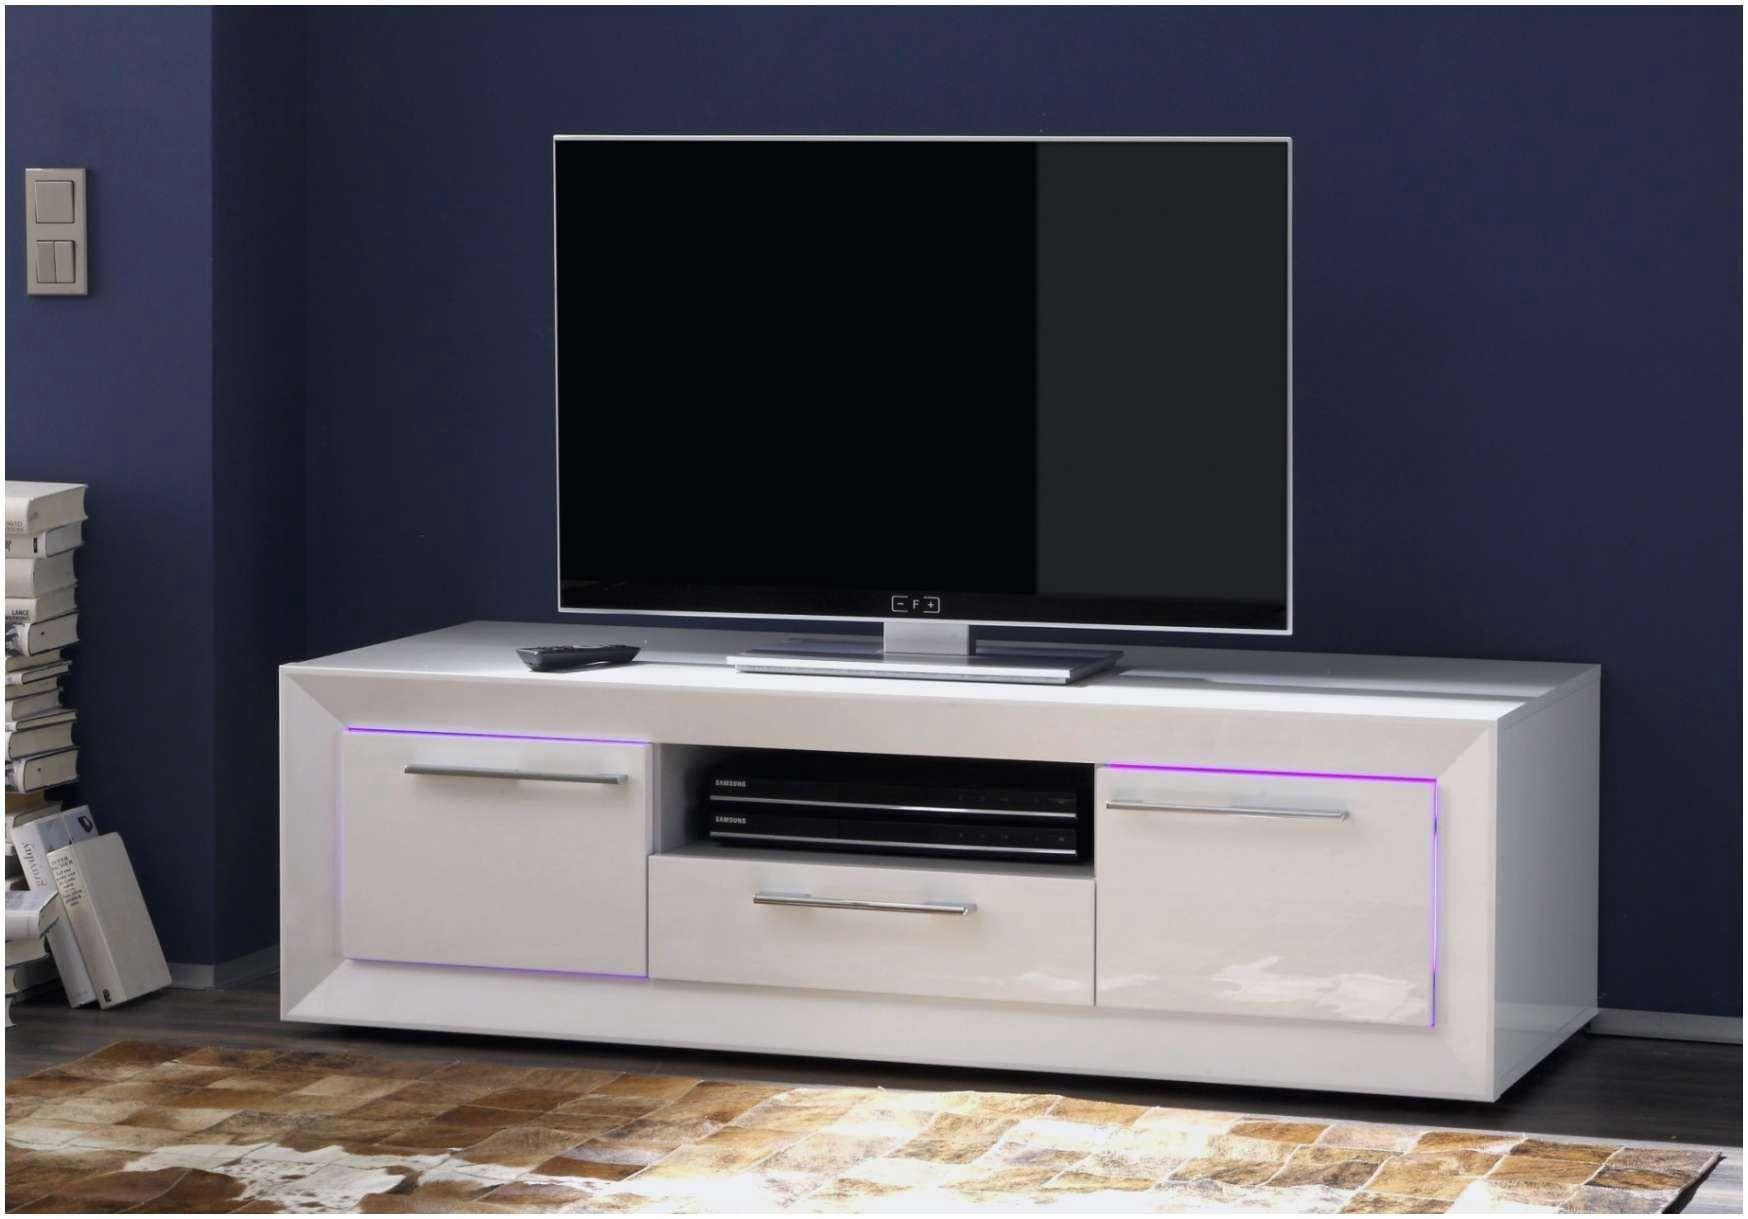 86 Idees De Design Bon Coin Meuble Tv Meuble Tv Meuble Tv Bois Meuble Tv Design